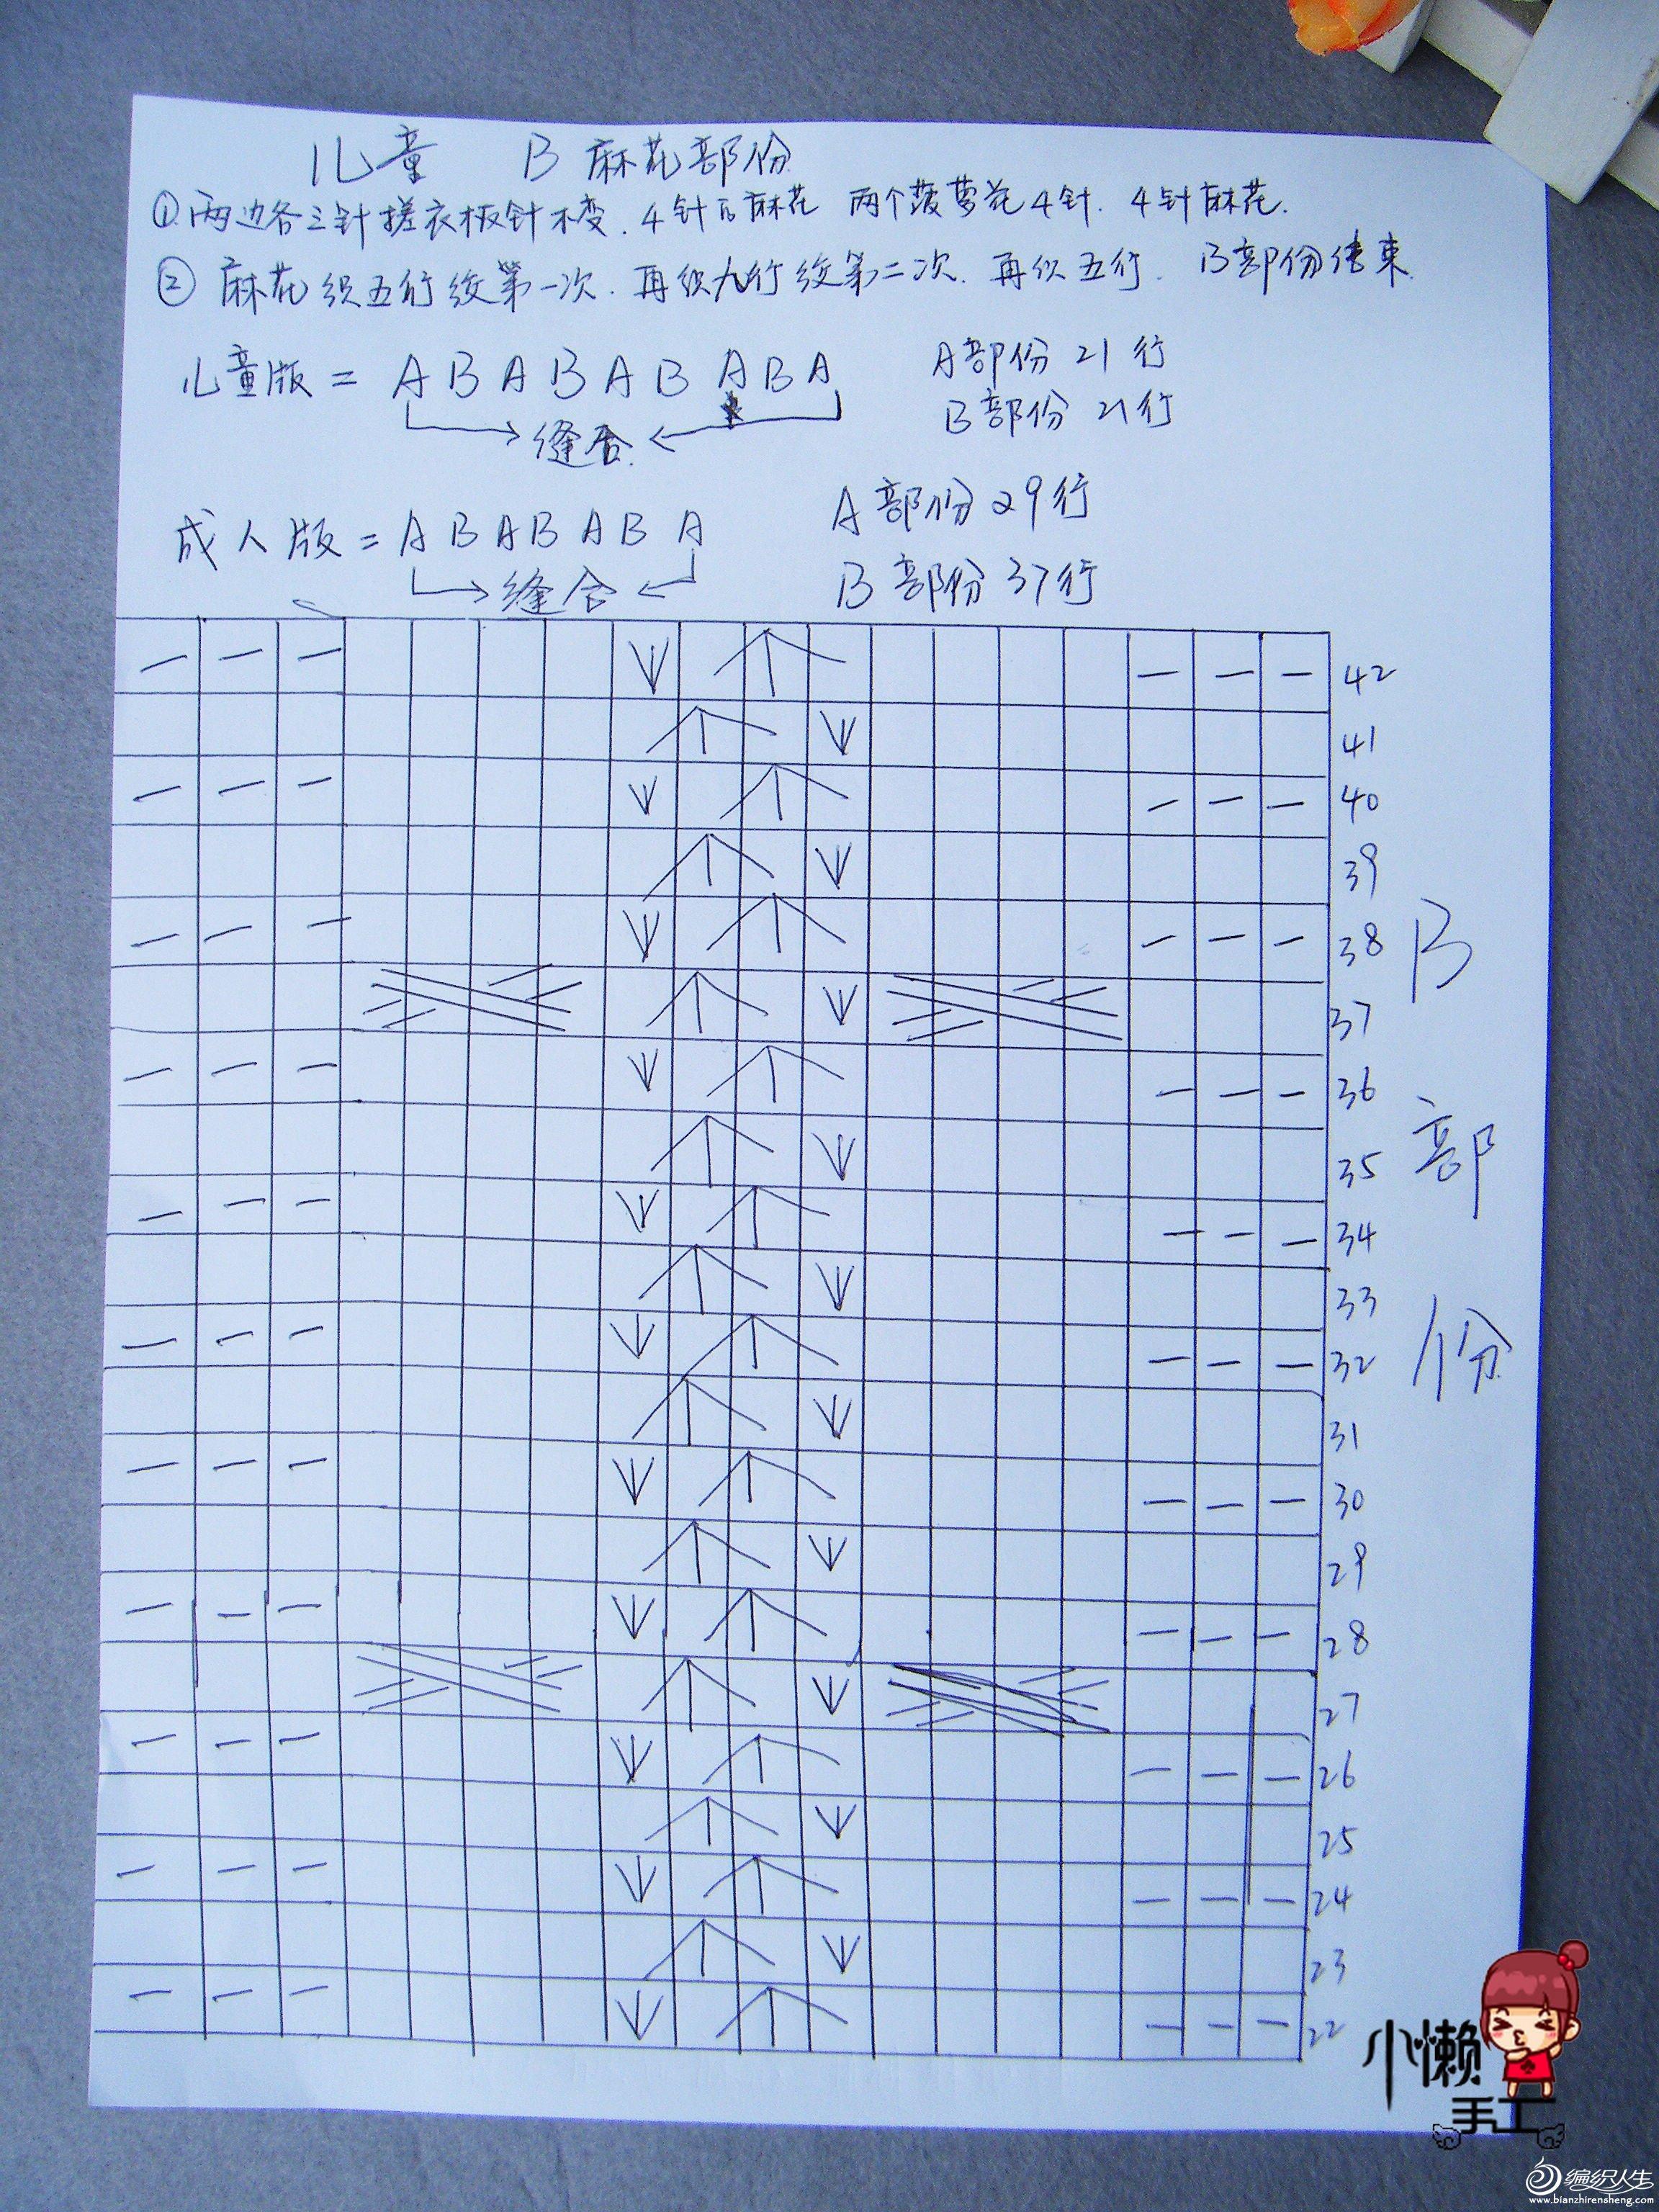 DSCF8619.JPG